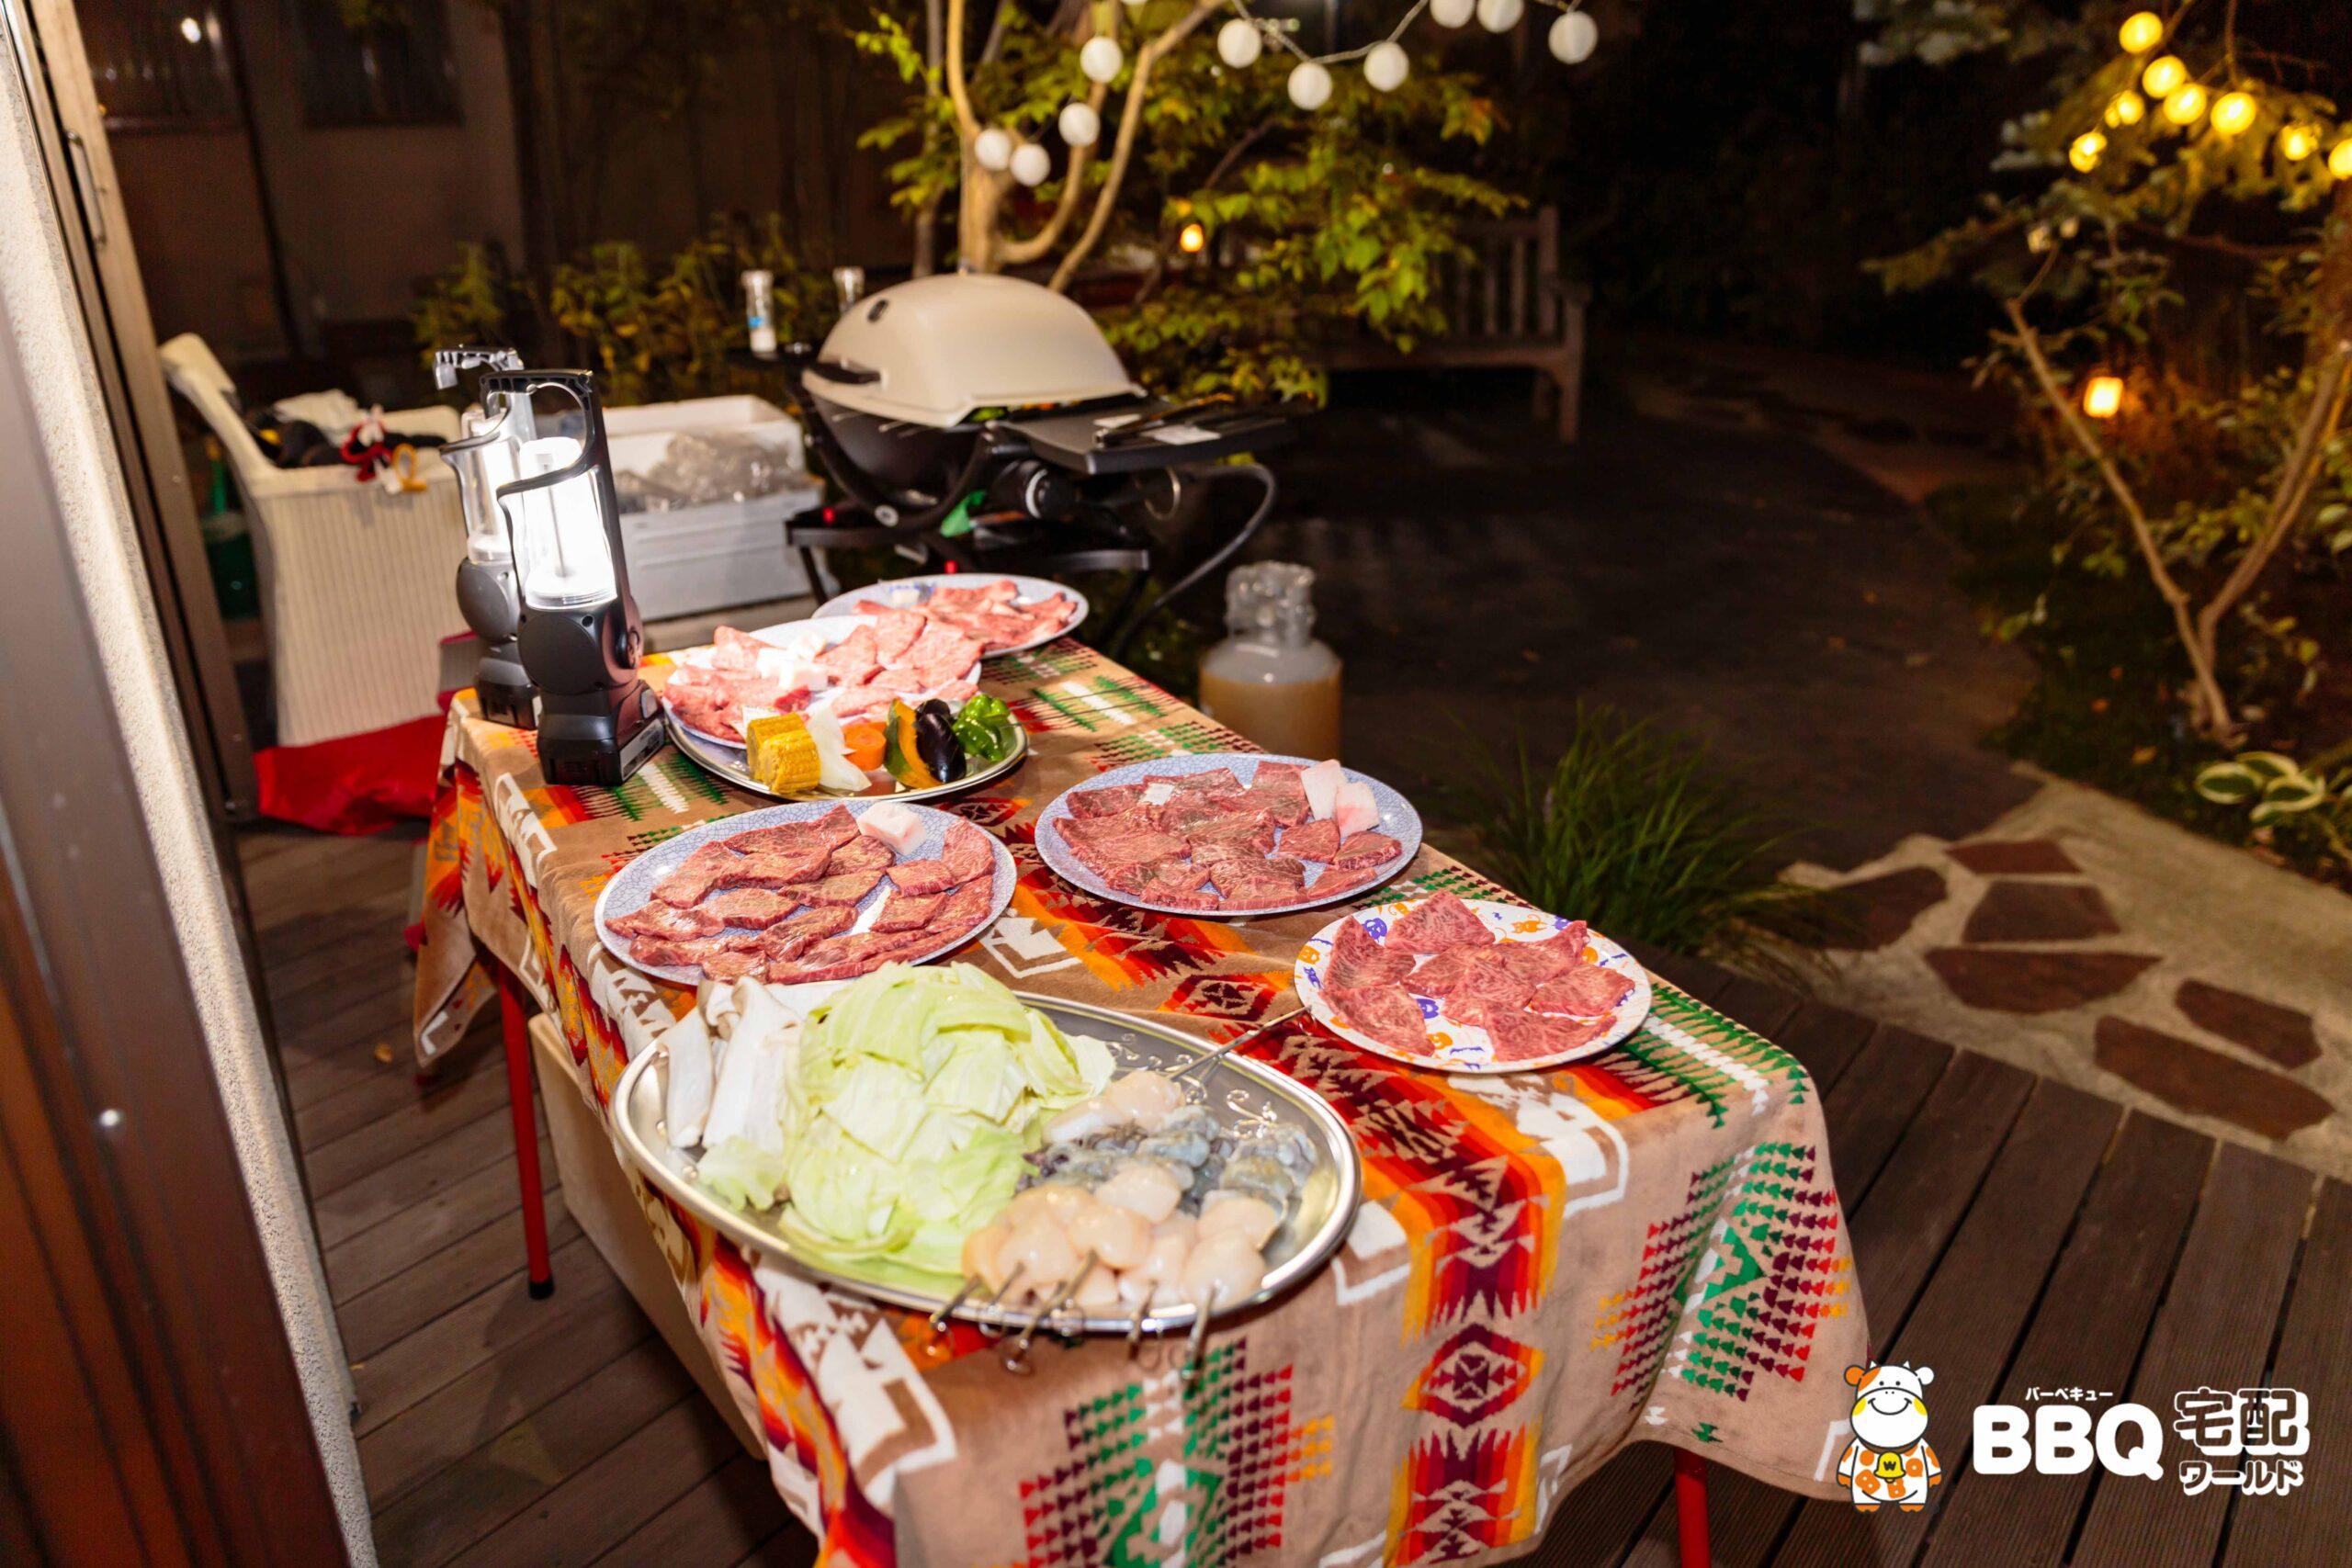 BBQホームパーティー器材レンタルセット食材